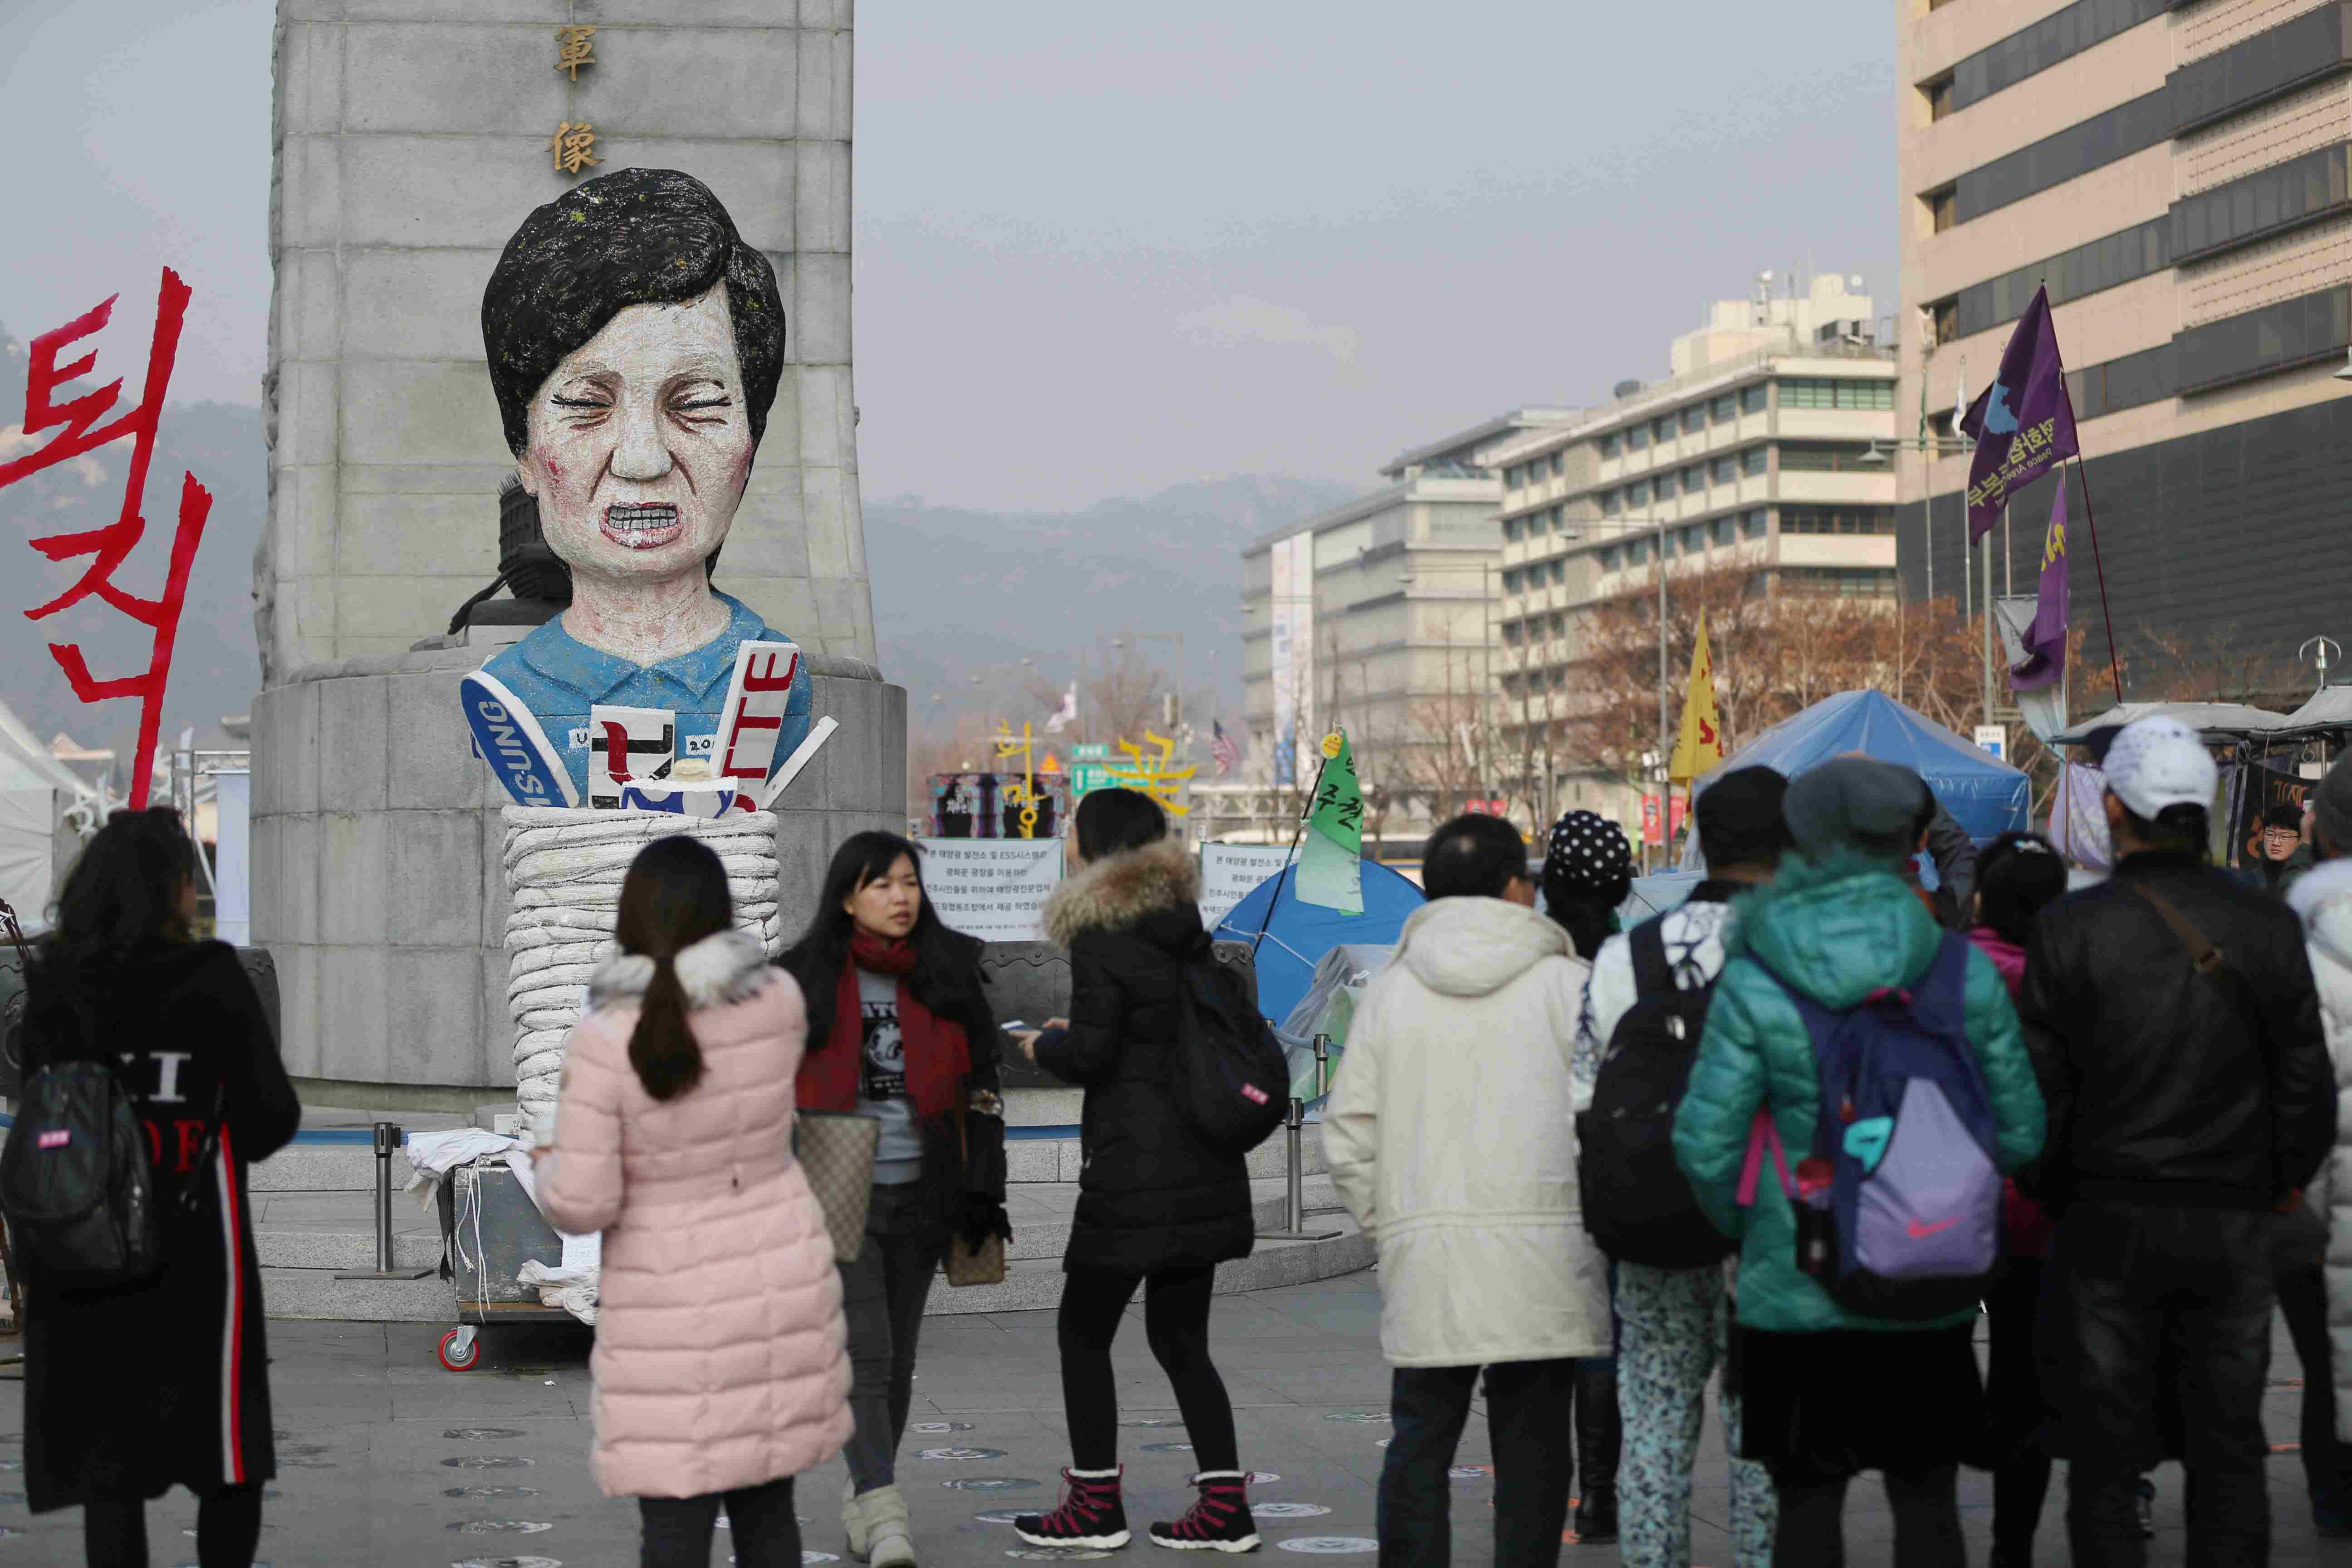 광화문 광장에 놓여 있는 박근혜 대통령 퇴진요구 인형이 중국 단체관광객들의 기념촬영 배경이 되었다. 신인섭 기자